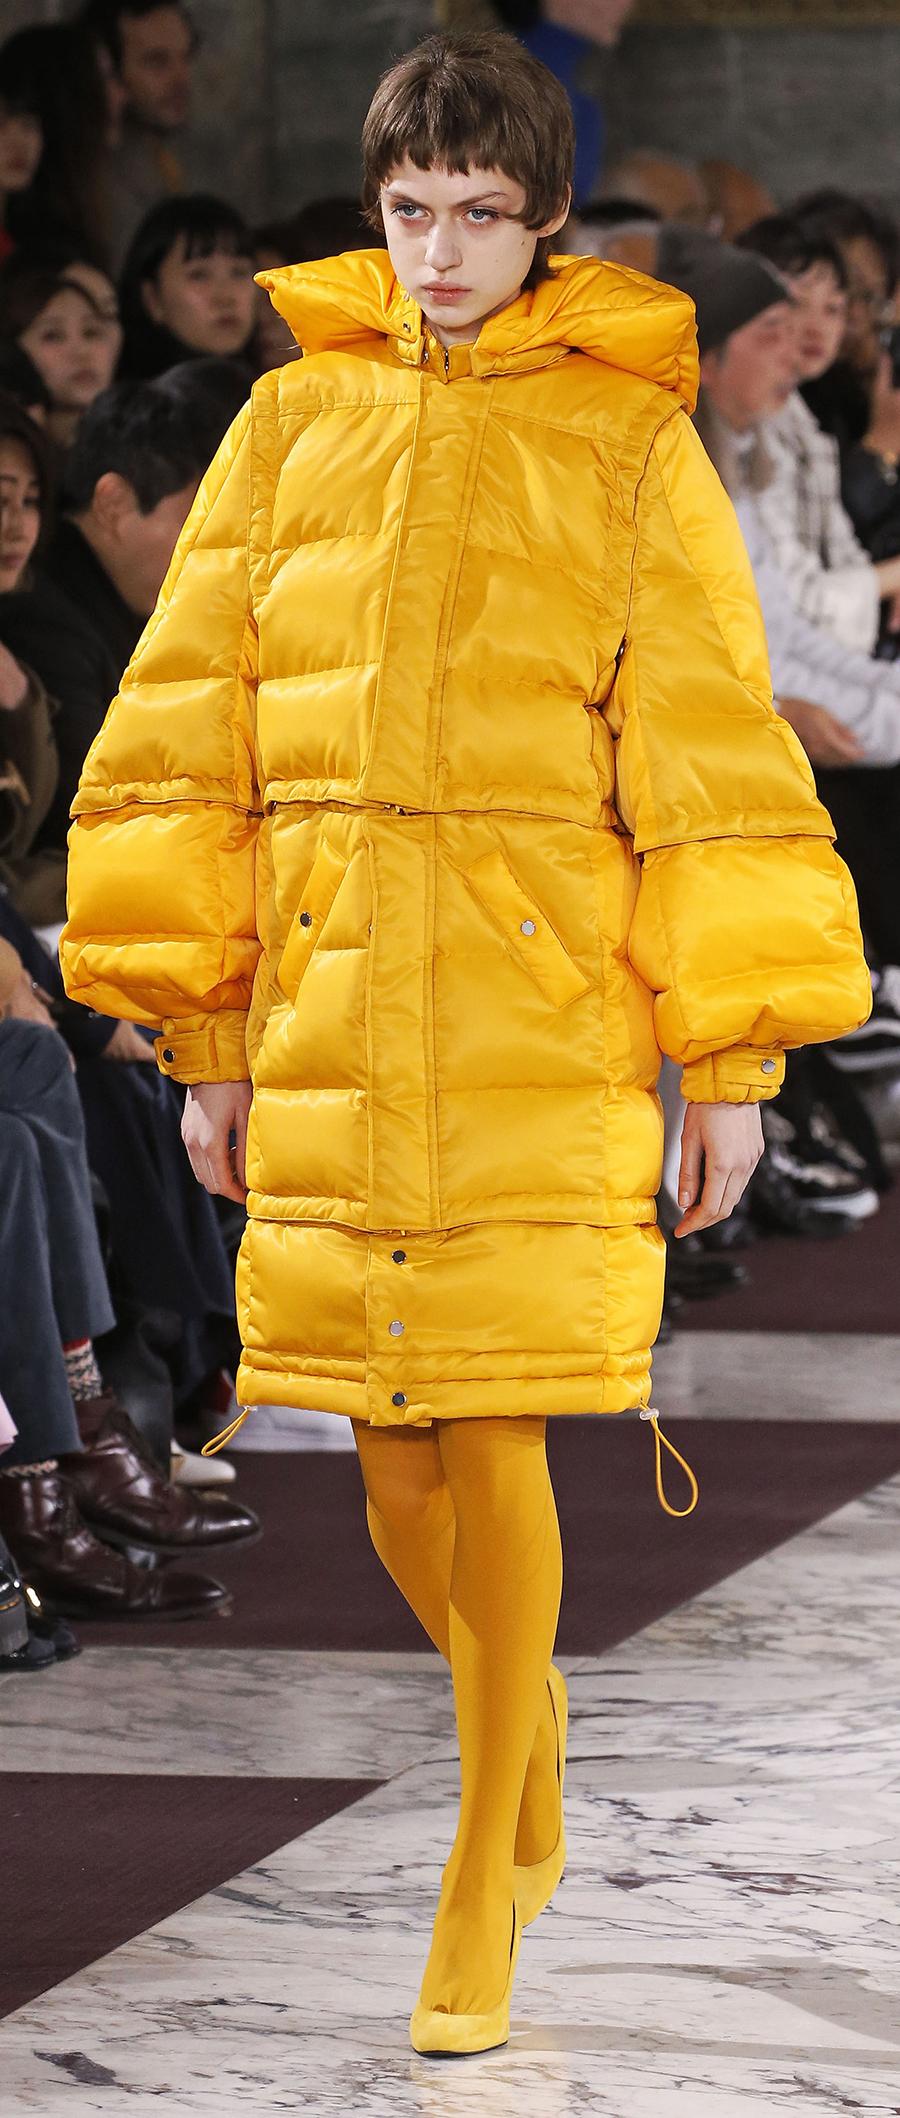 модный пуховик осень зима 2020 2021 желтый блестящий длинный оверсайз